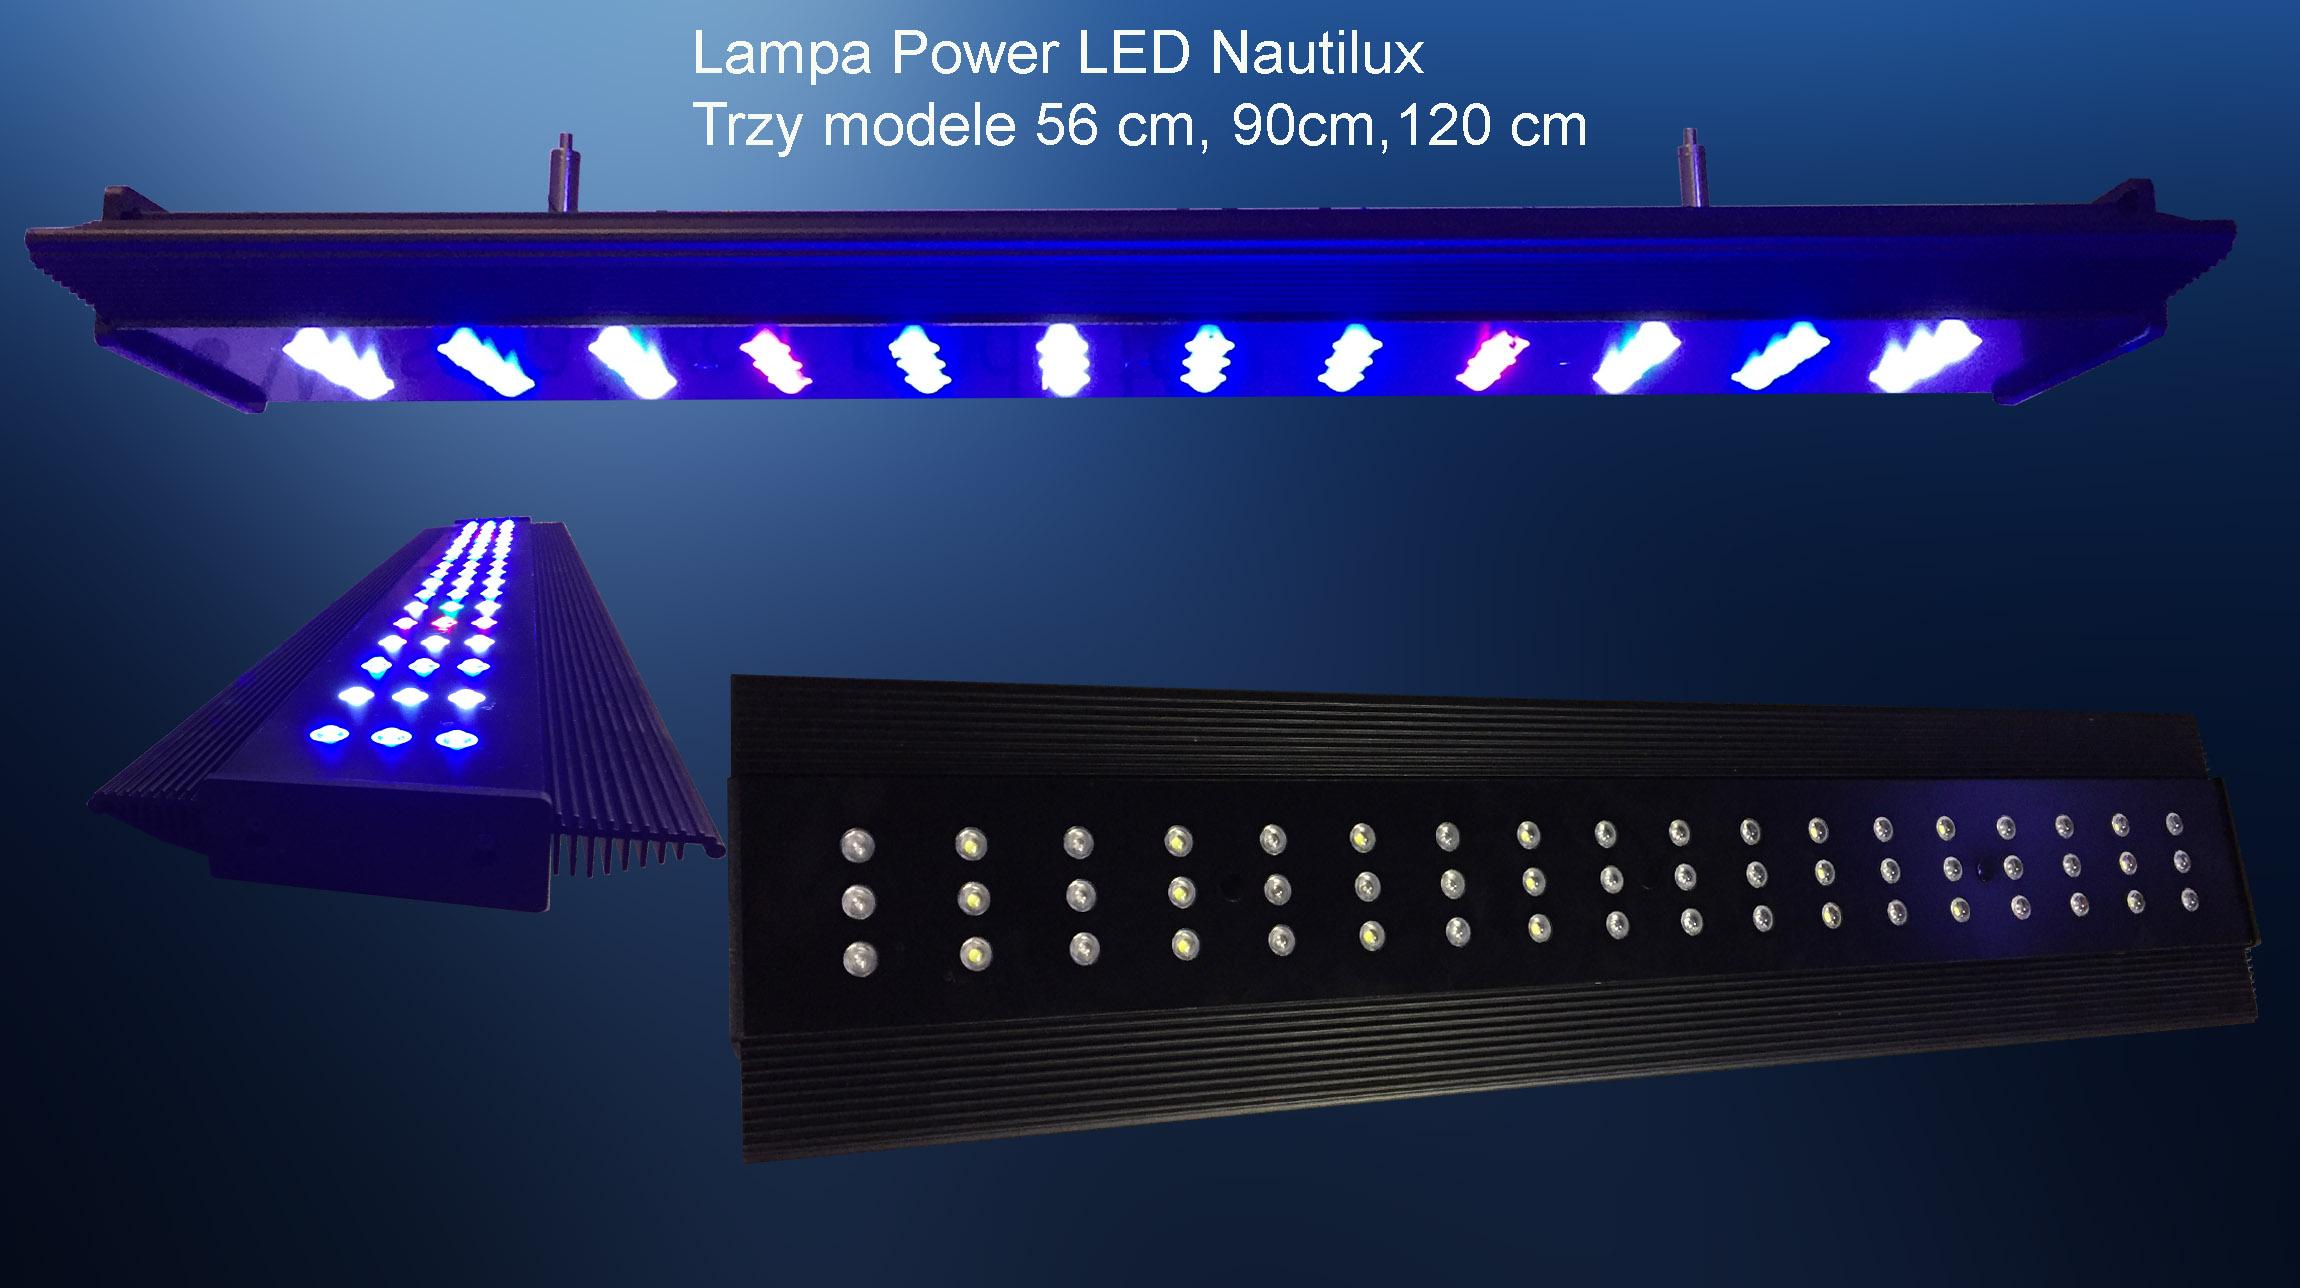 Lampa Power Led Nautilux 108 Wat Akwarium Morskie